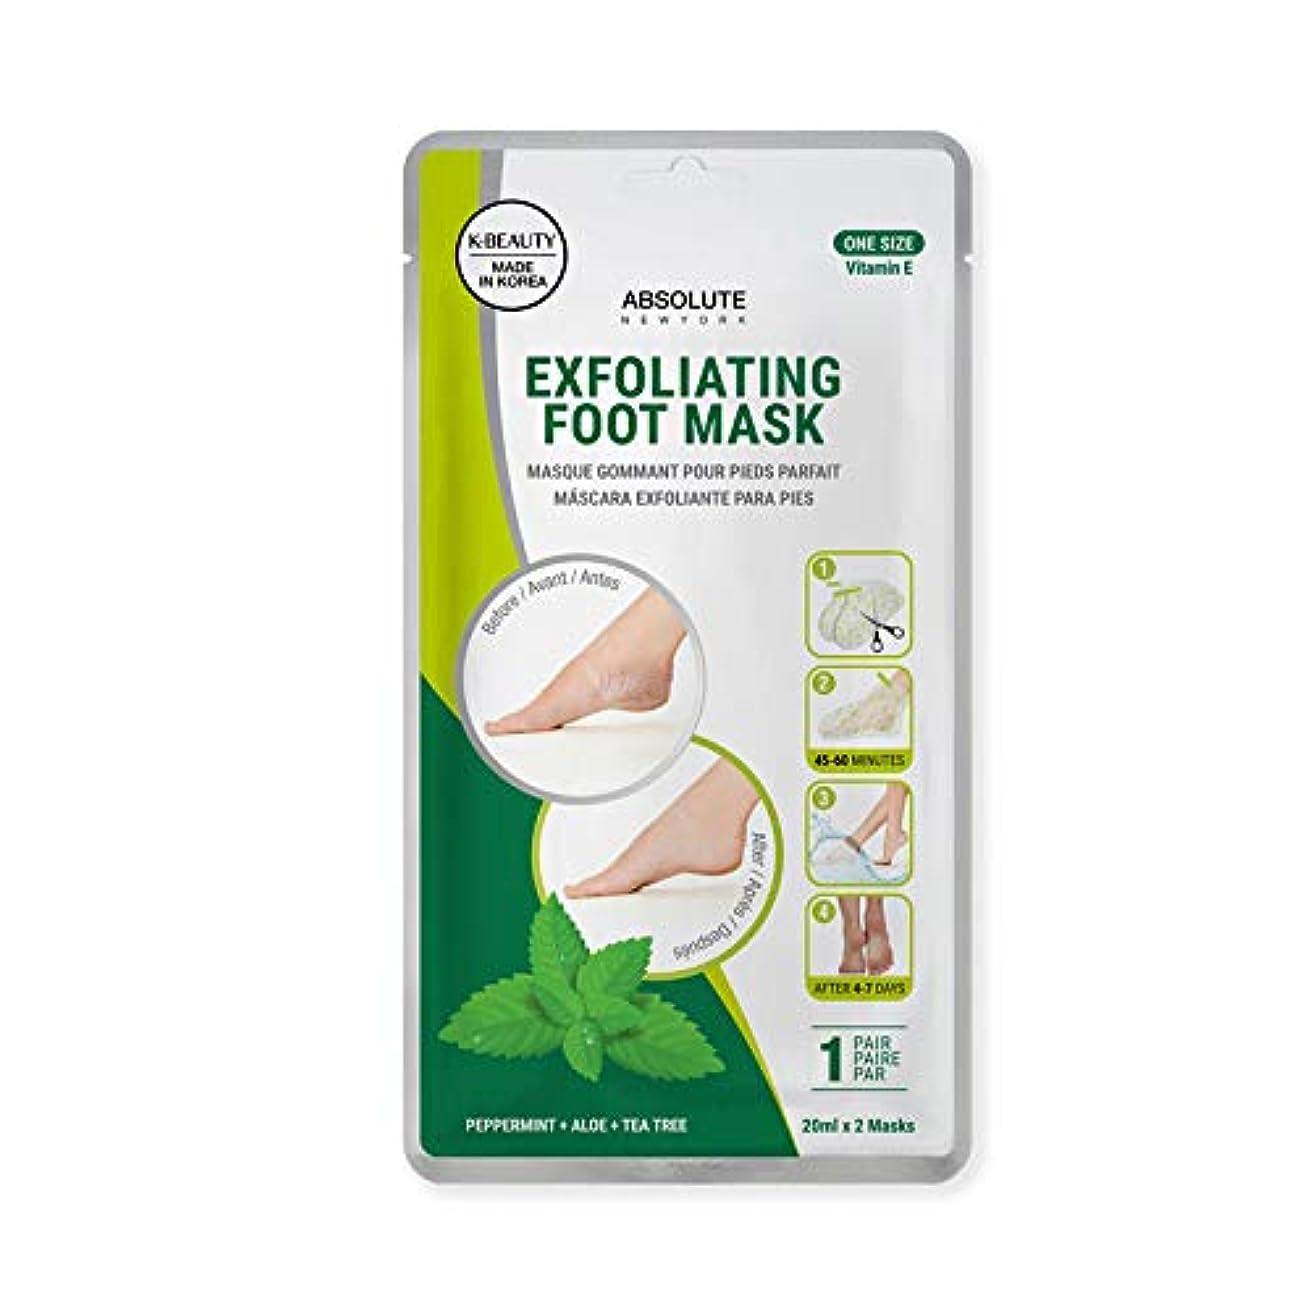 ストレンジャー違反する女性(6 Pack) ABSOLUTE Exfoliating Foot Mask - Peppermint + Aloe + Tea Tree (並行輸入品)